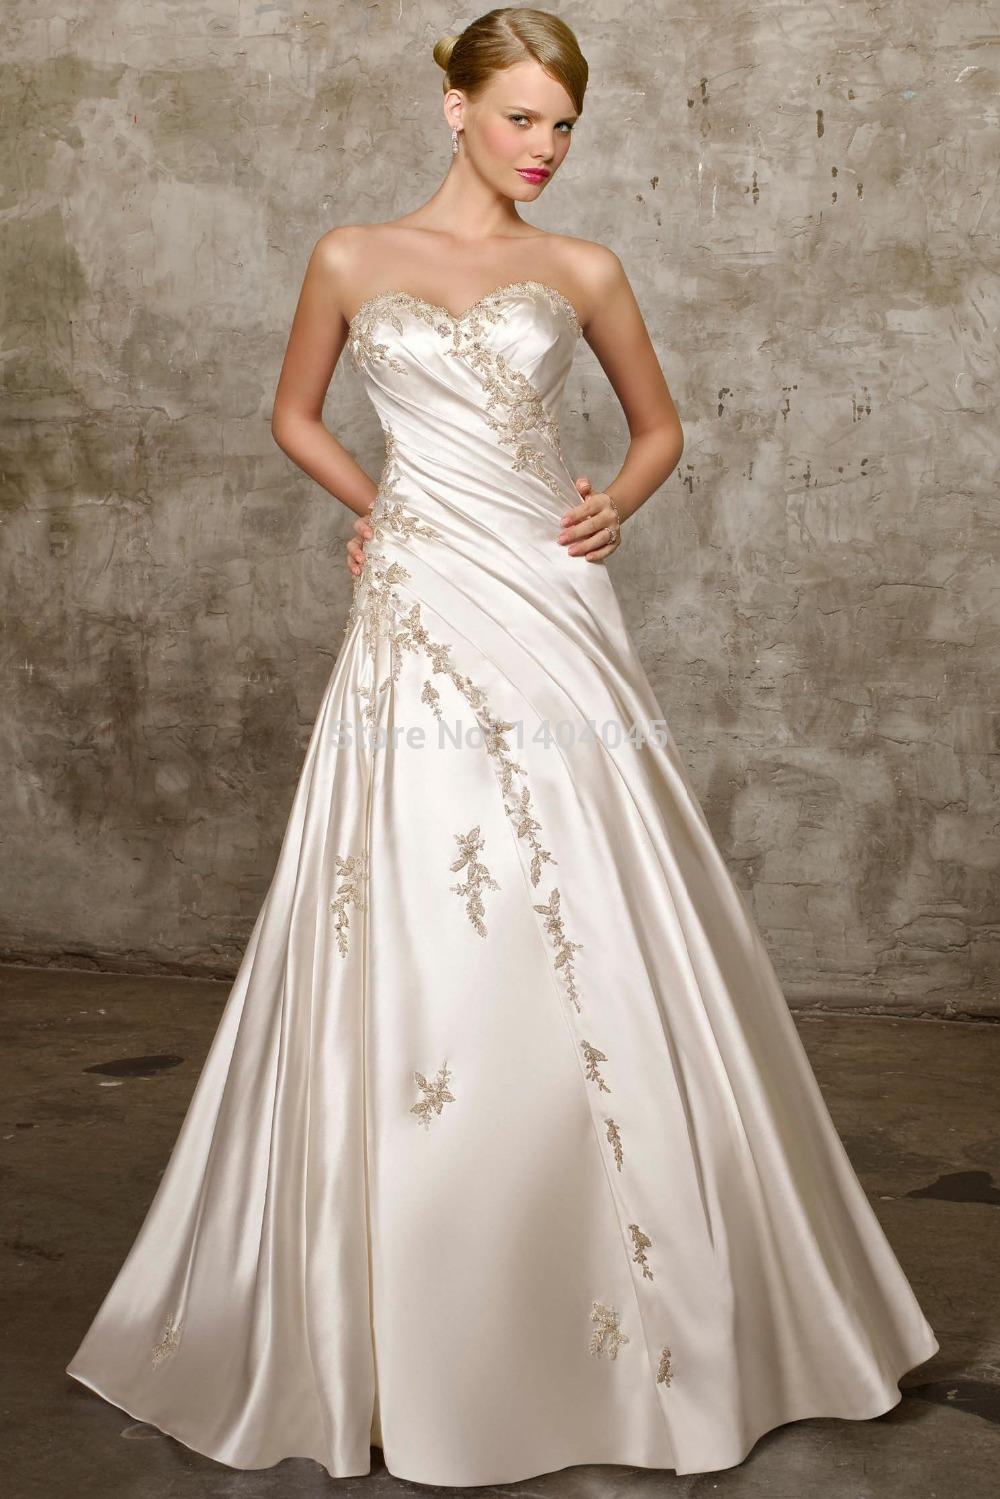 Kreative Ideen für Hochzeitskleider